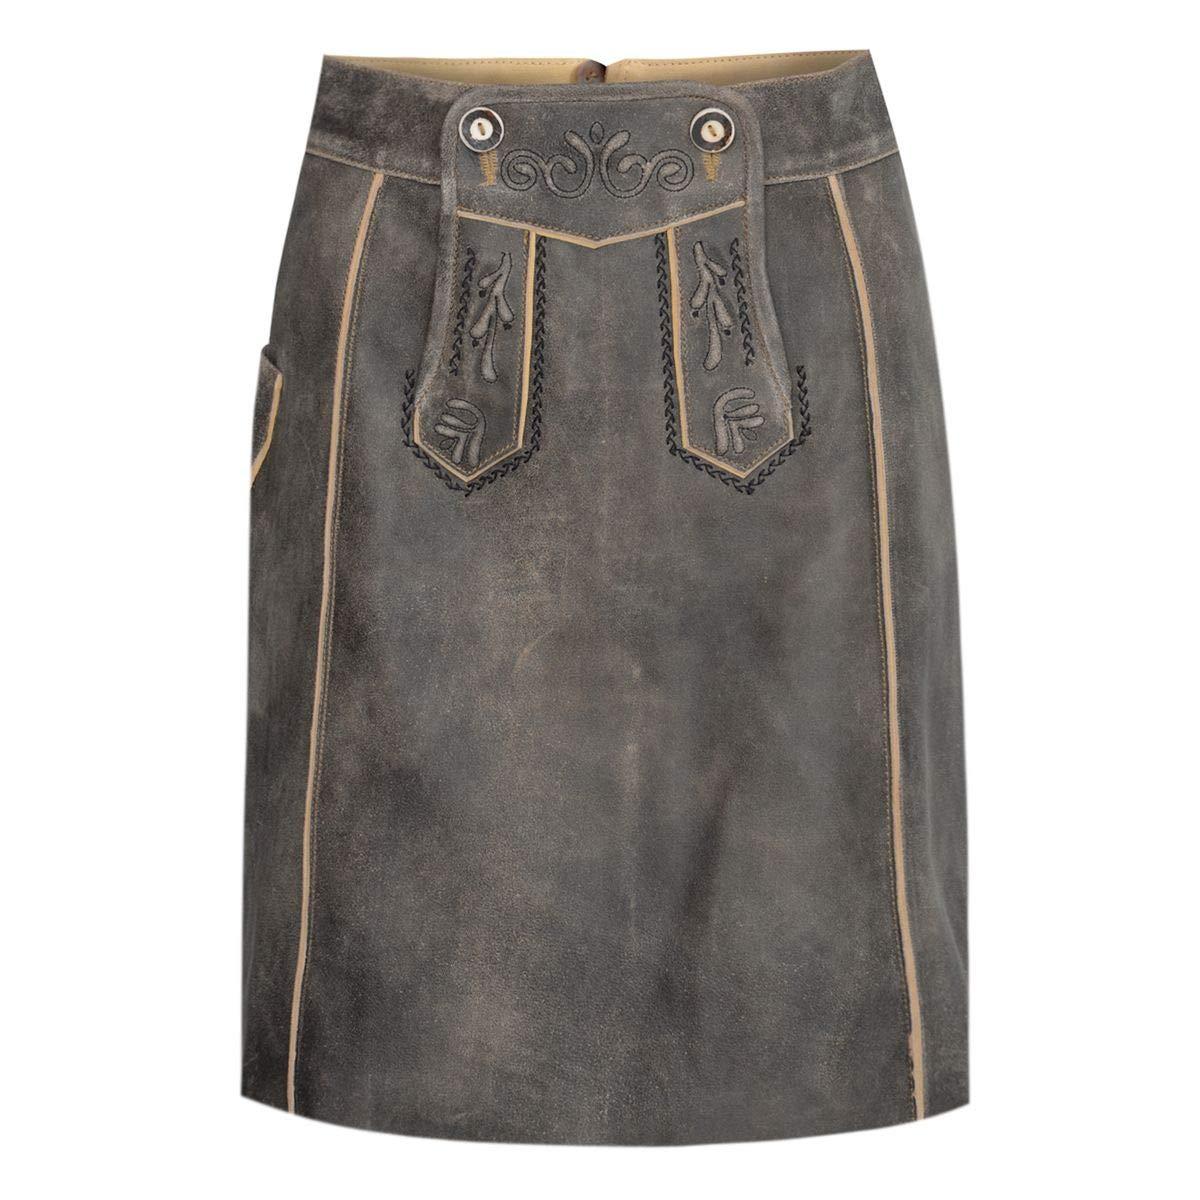 Almsach Damen Trachten-Mode kurzer Lederhosen Rock Vroni in Braun traditionell